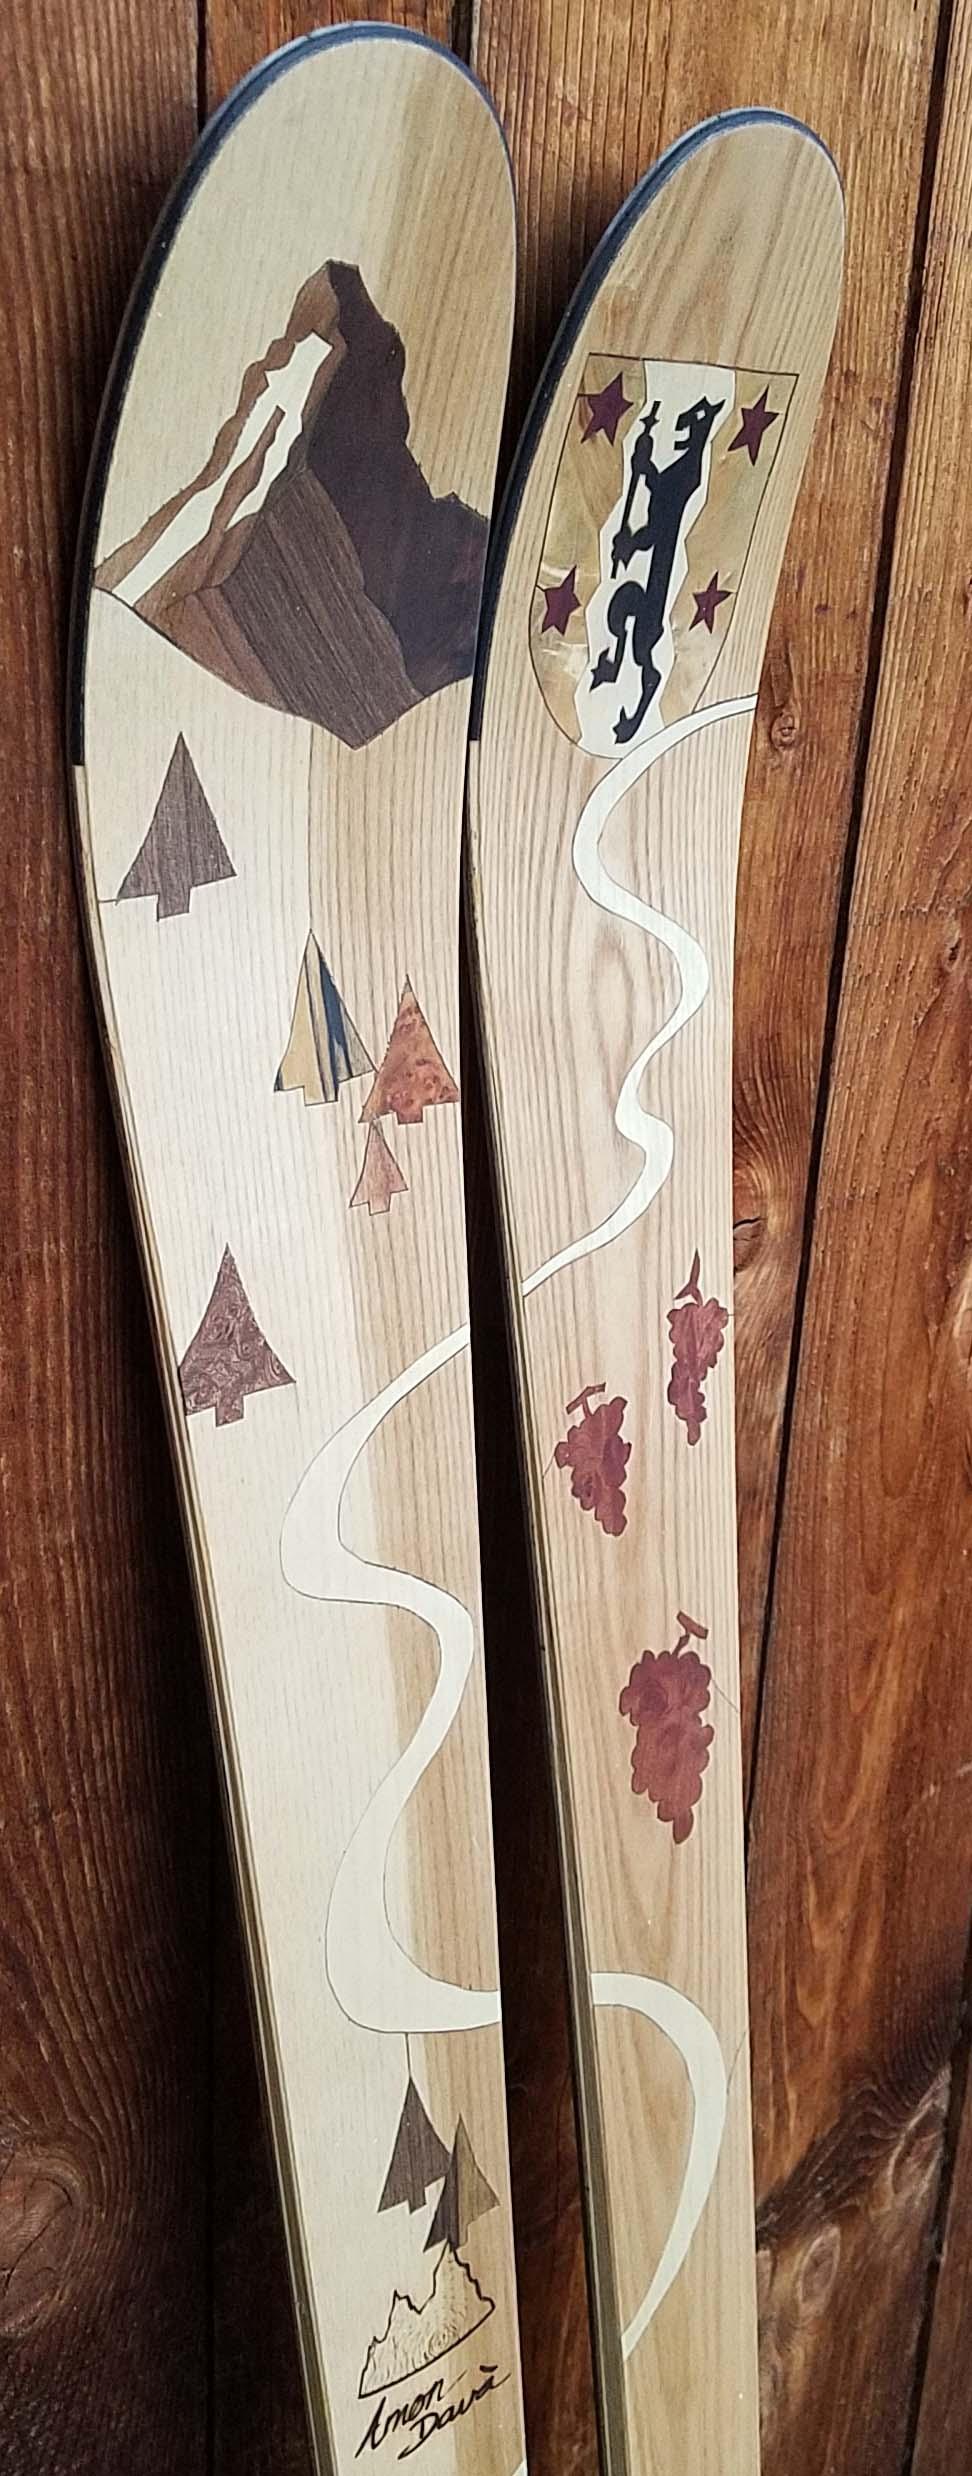 Amon Dava ski bois cervin matterhorn